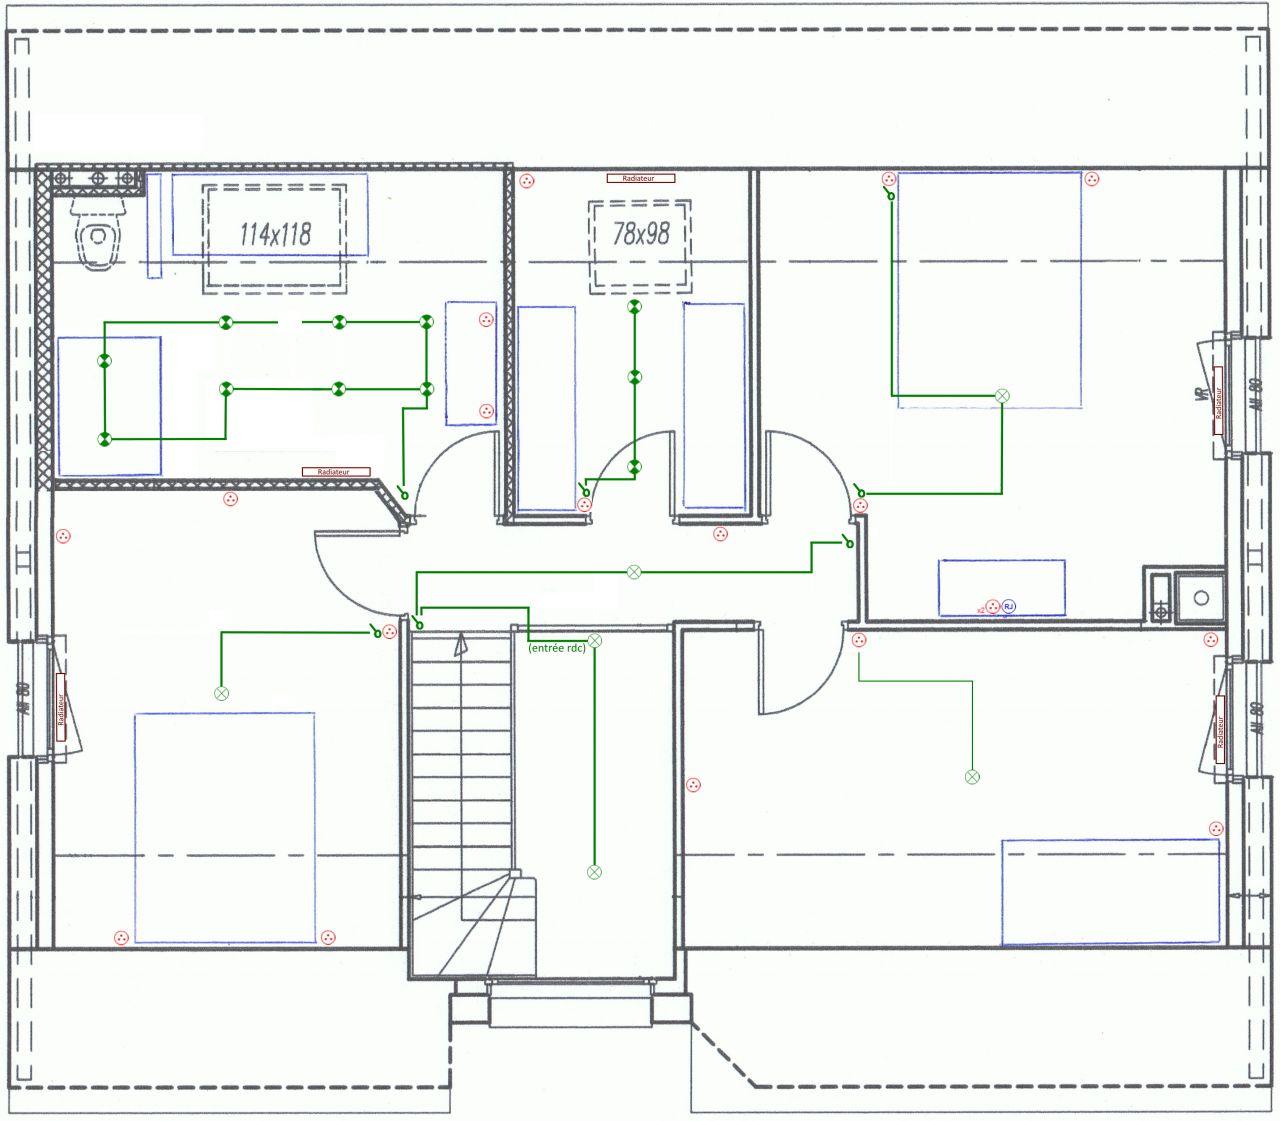 Essai plan électricité étage